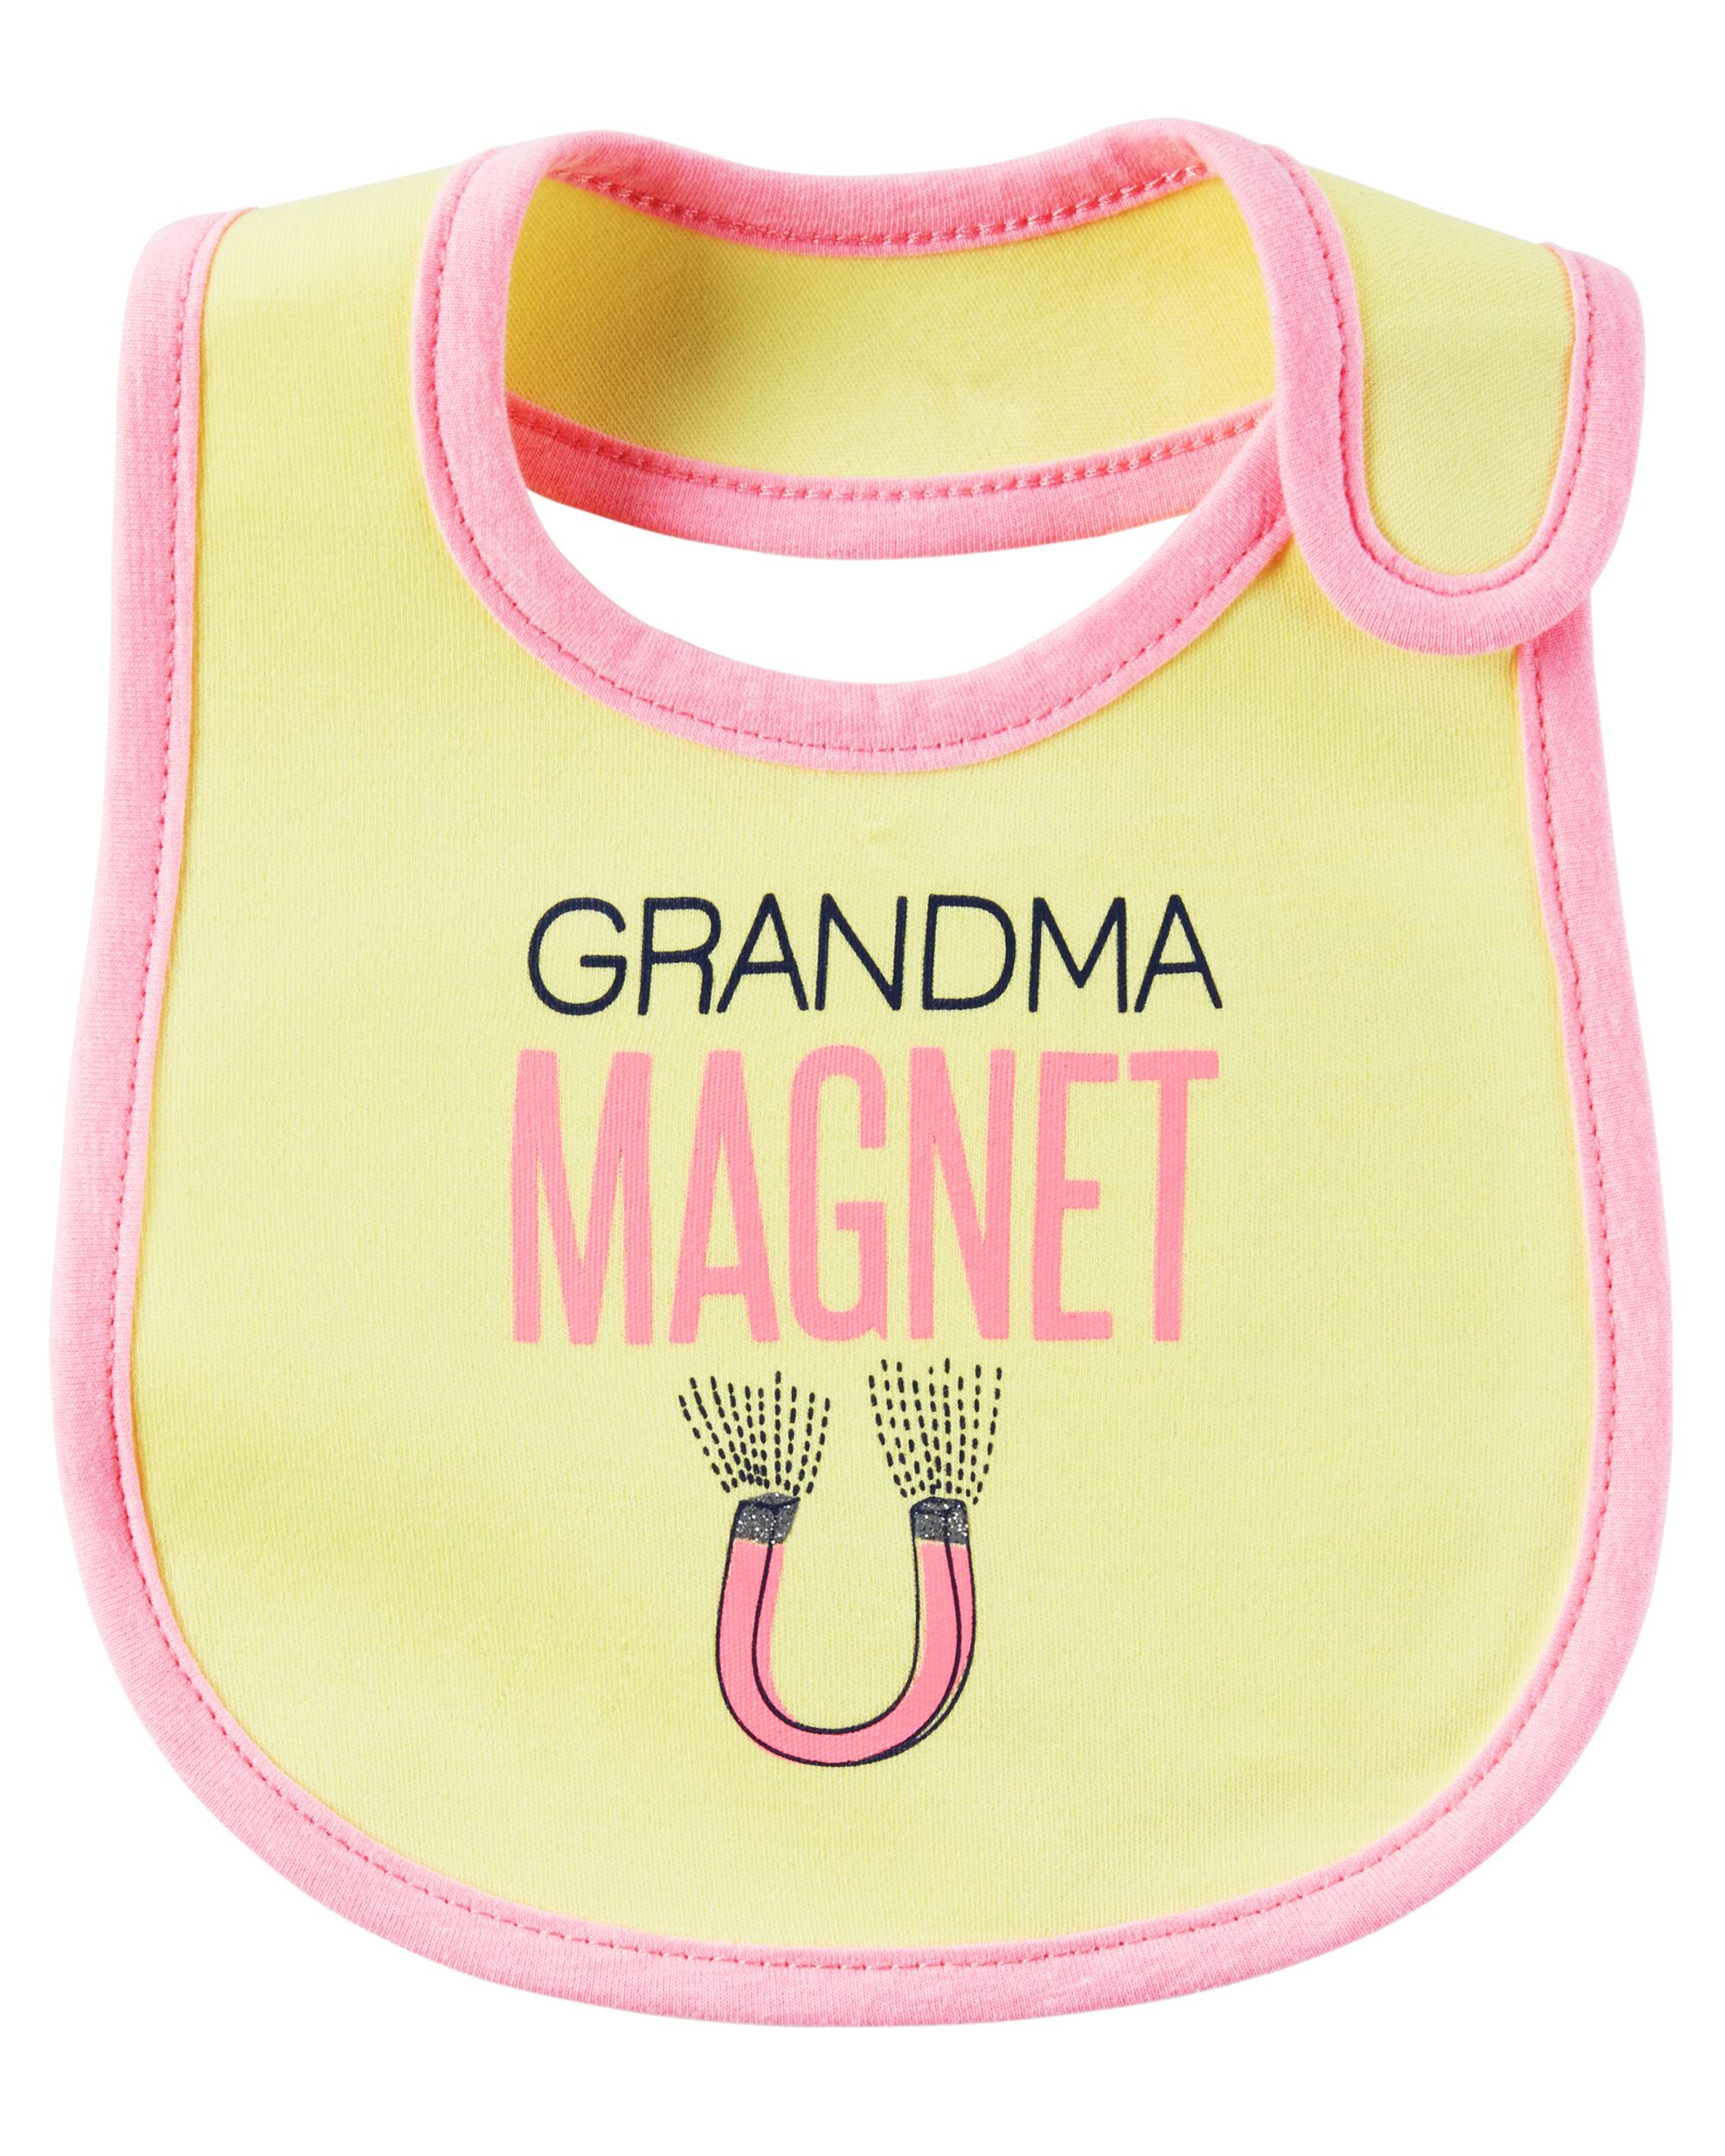 Grandma Magnet Teething Bib